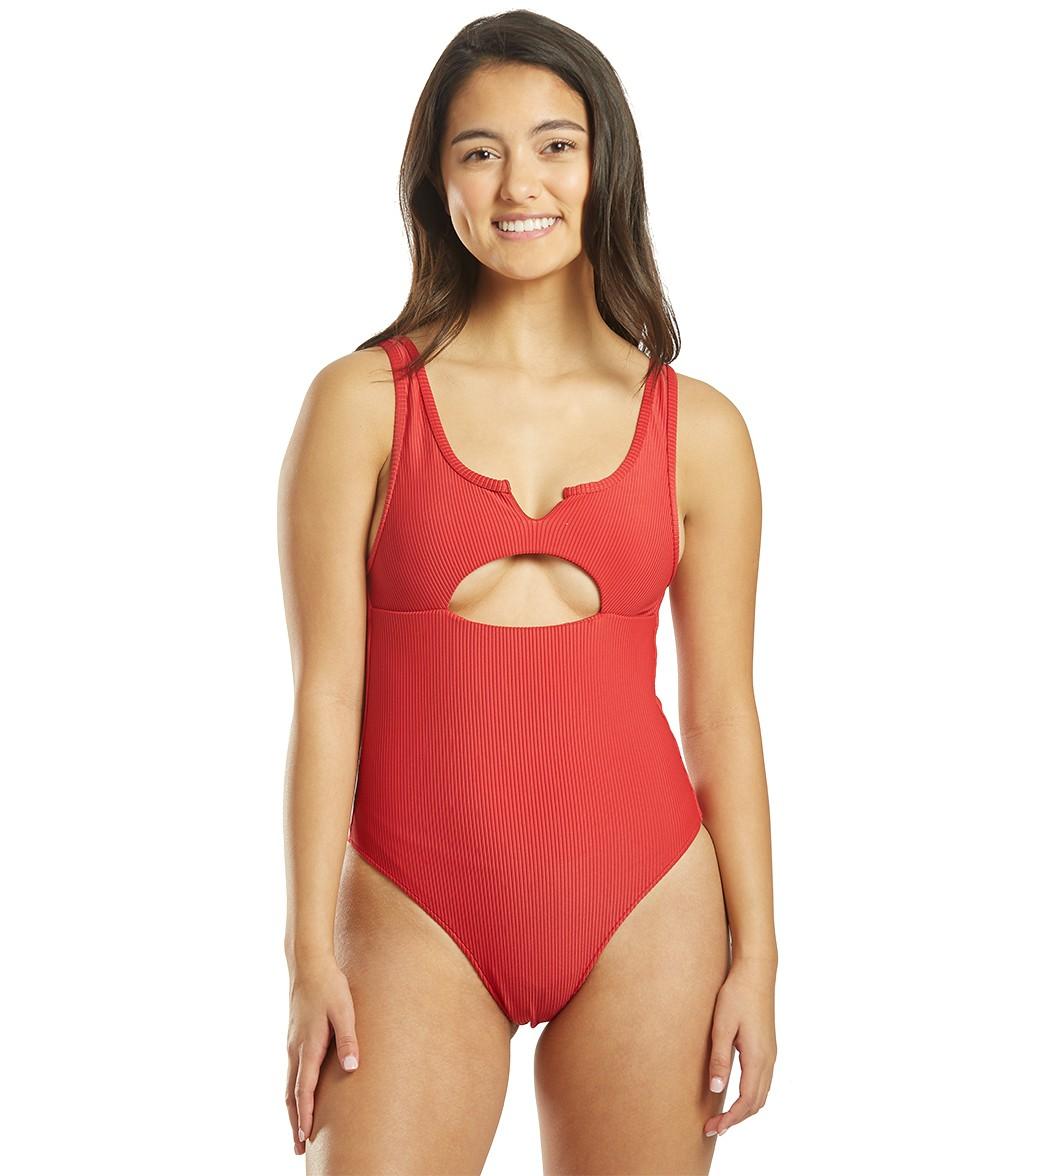 Frankies Bikinis Cody One Piece Swimsuit - Cherry